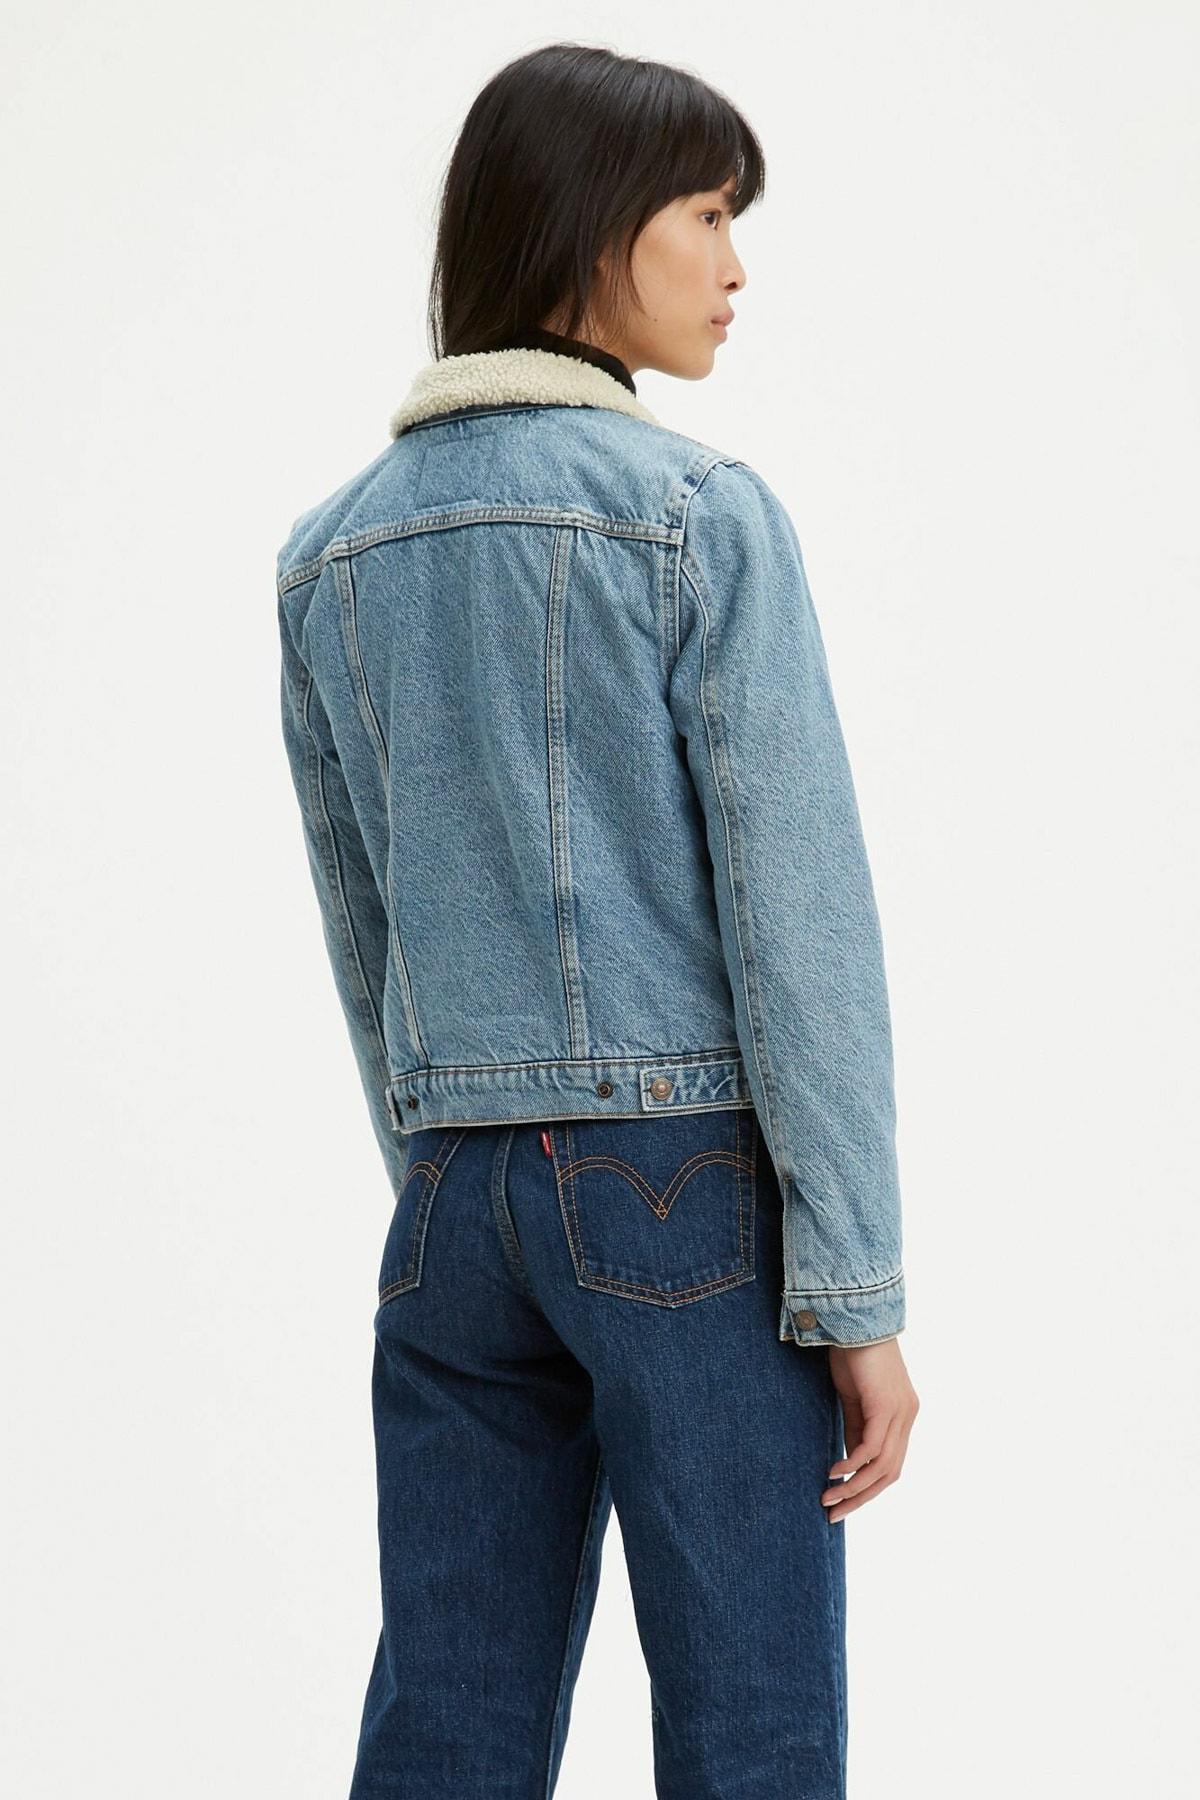 Levi's Kadın Jean Ceket 36136-0000 2